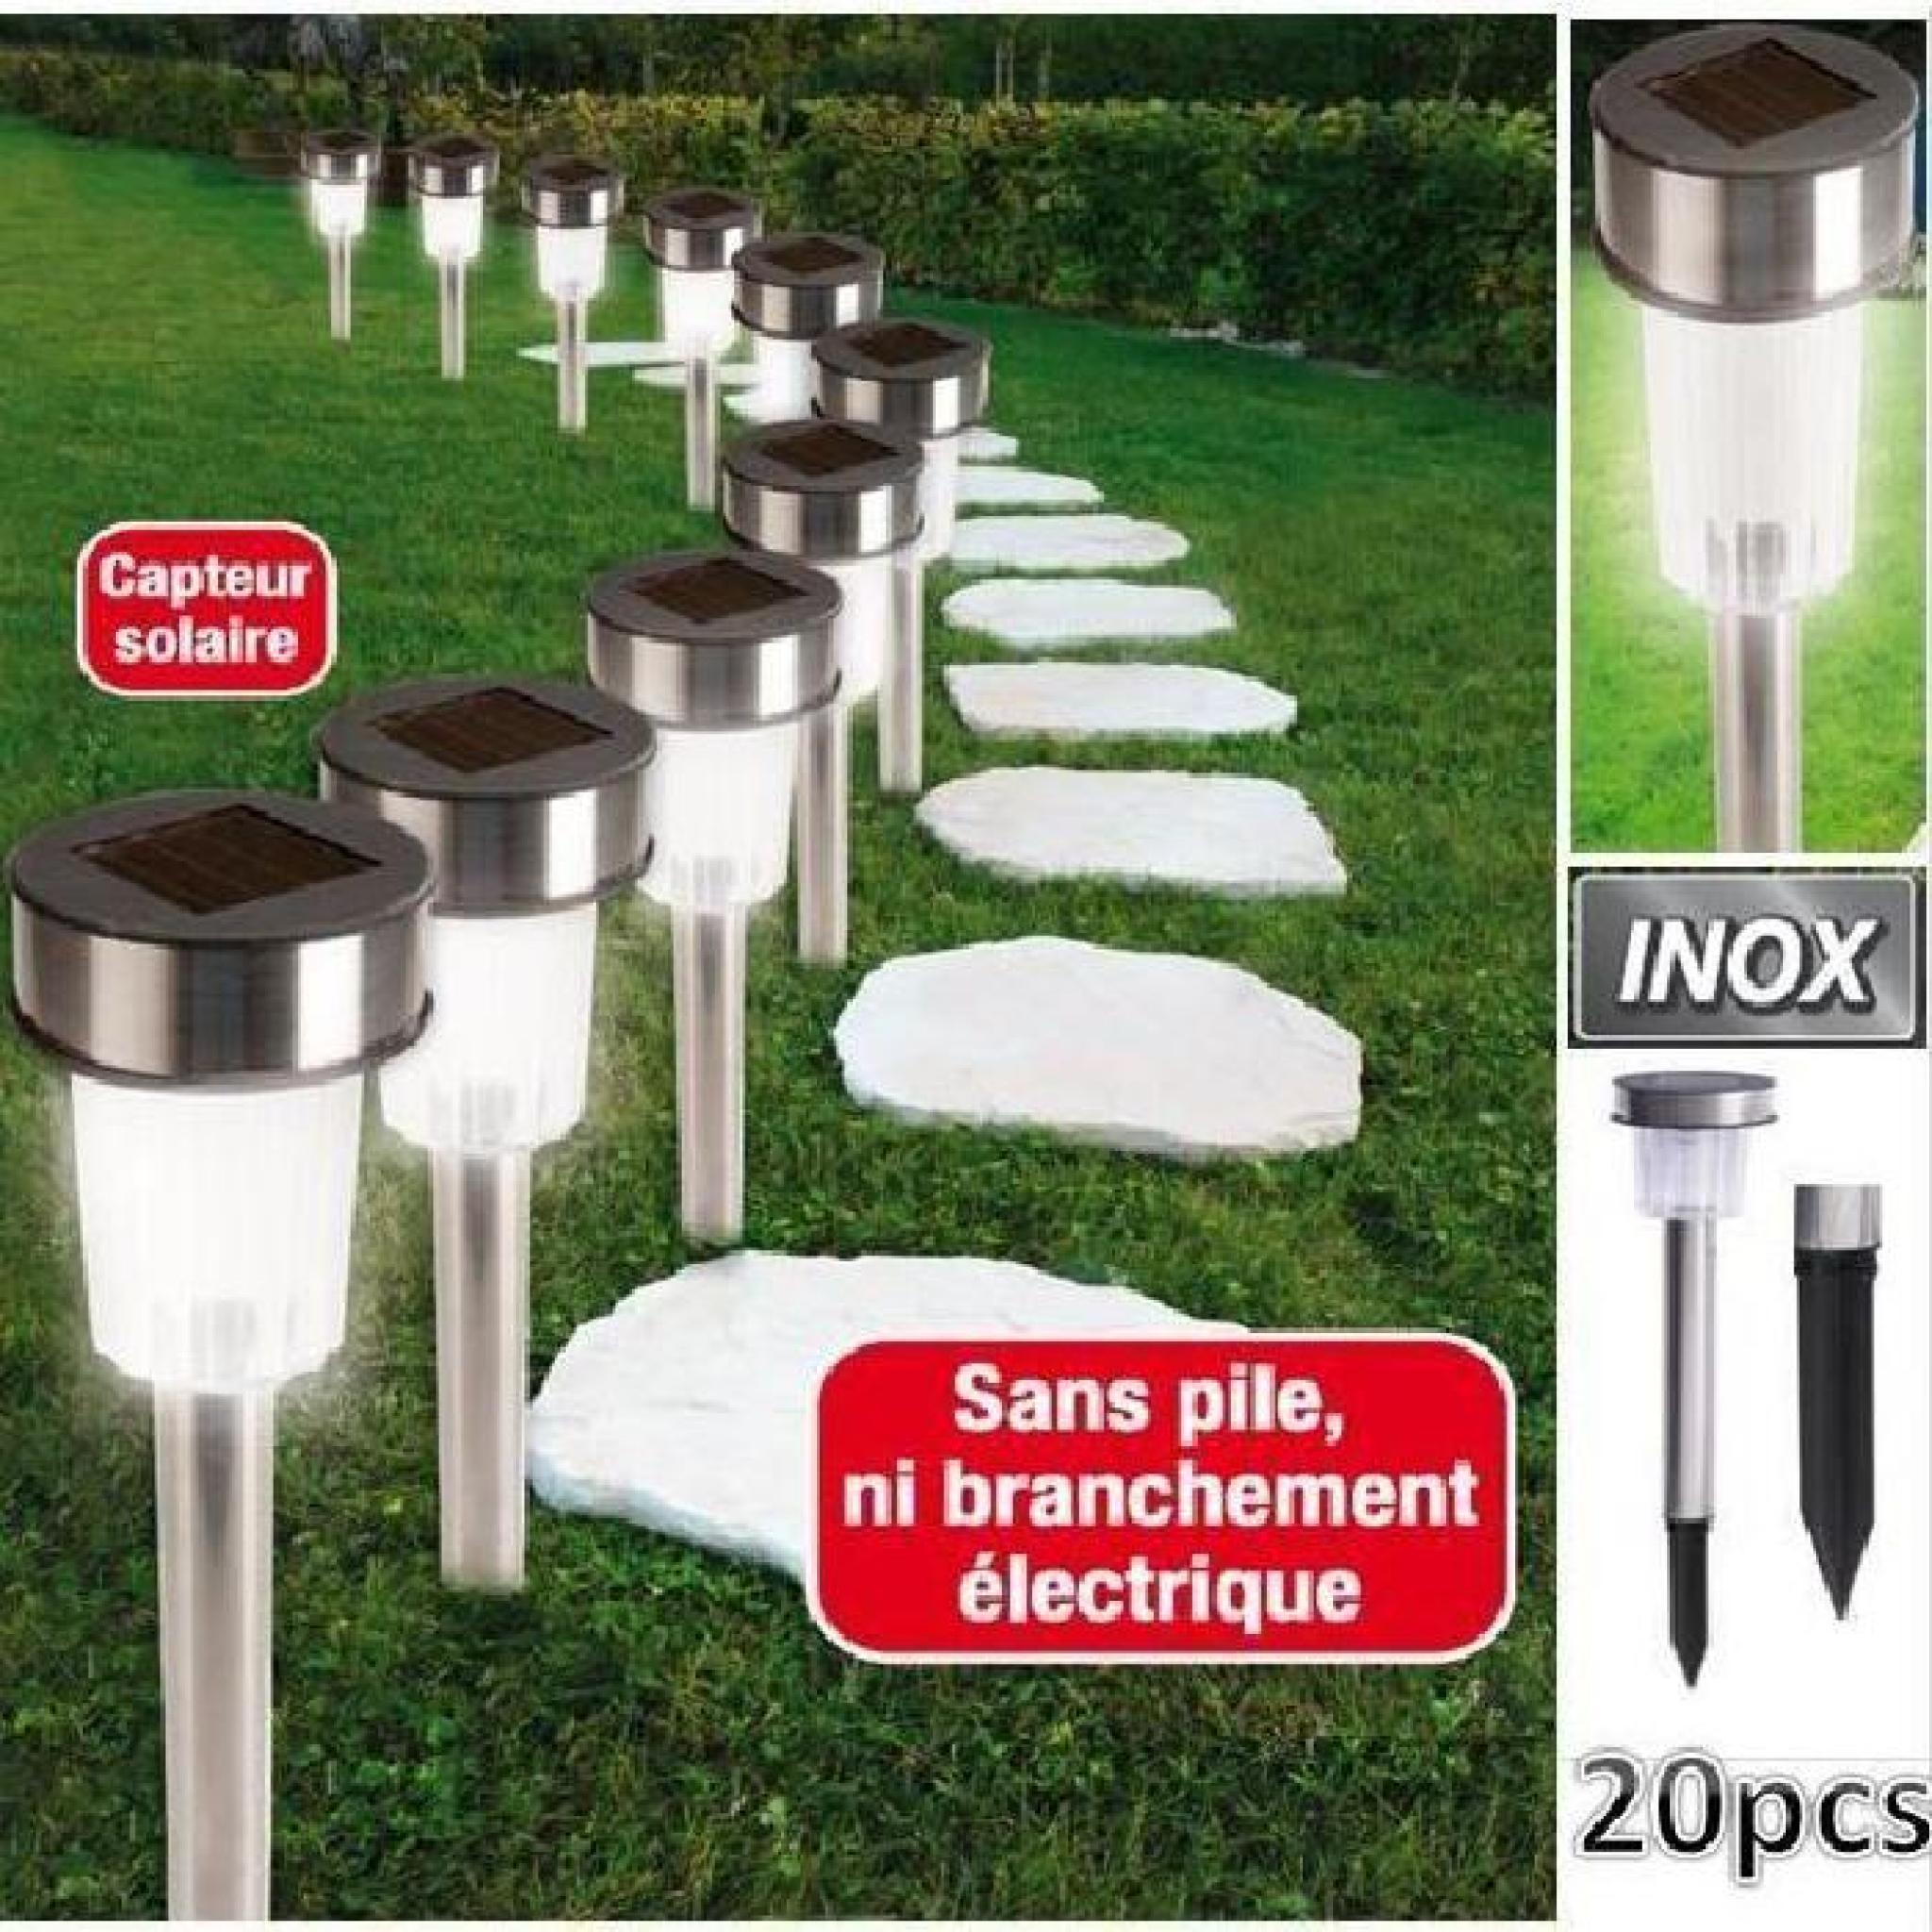 Set de 20 bornes lampes solaires inox à Led bla… - Achat/Vente lampe ...